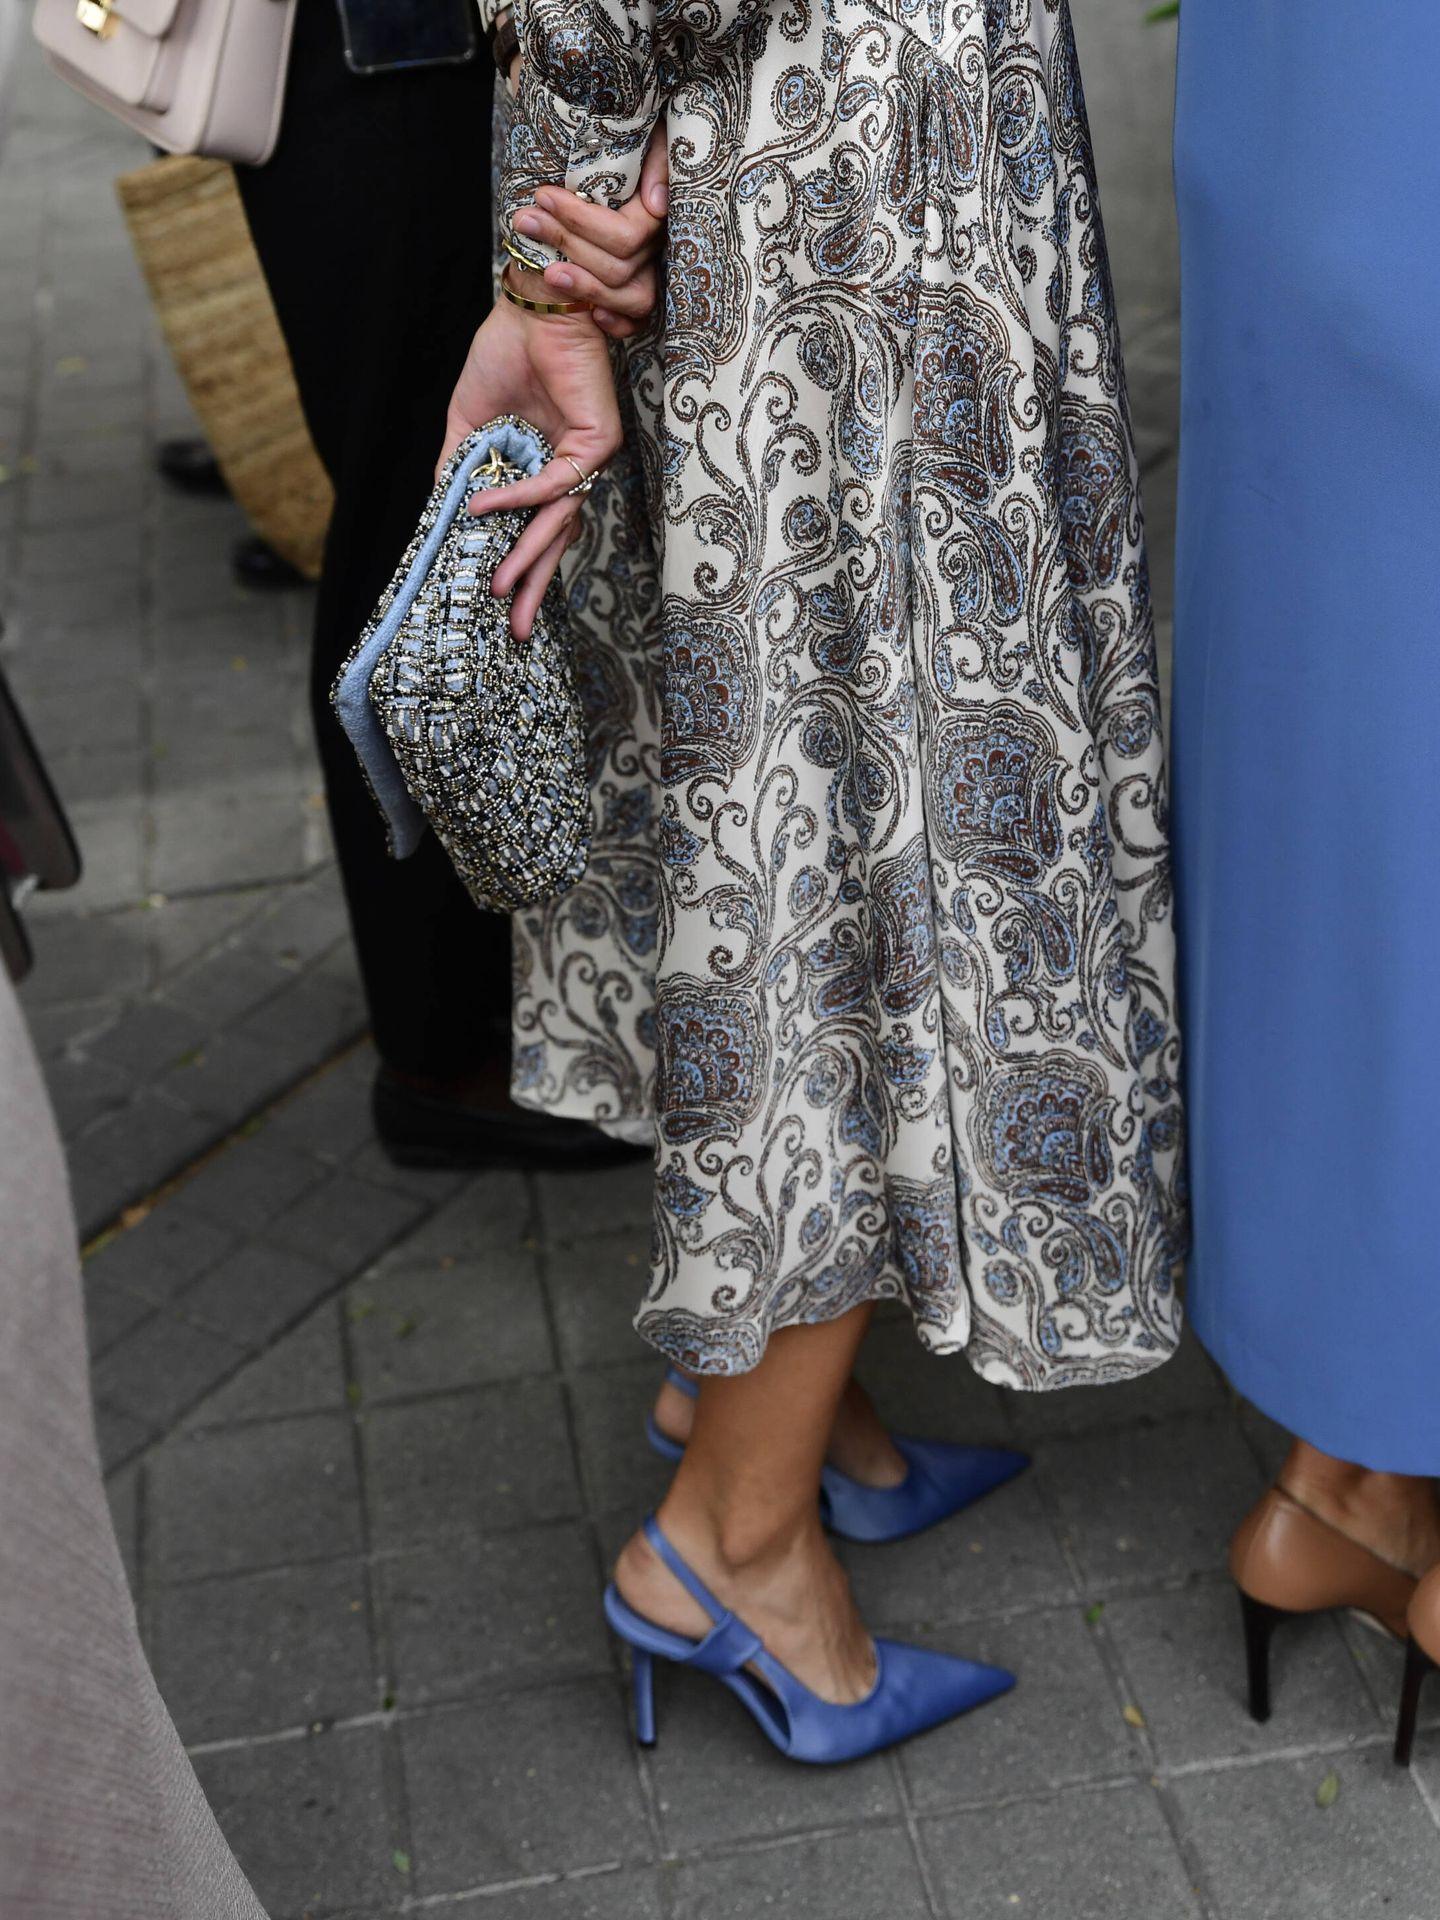 Detalle del bolso y los zapatos de Mercedes Domecq. (LP)